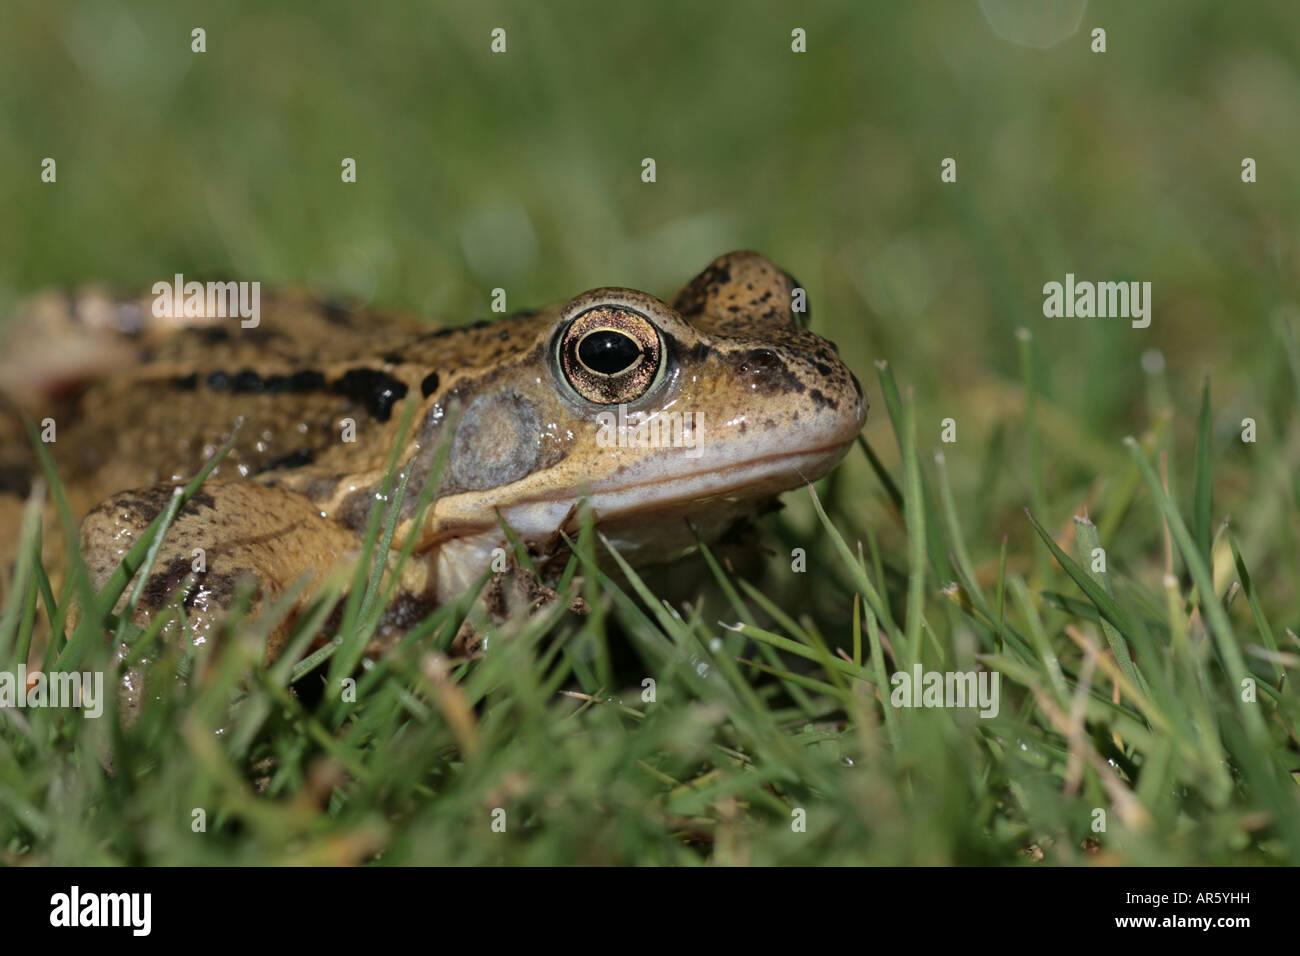 Common Frog Rana temporaria on a garden lawn - Stock Image